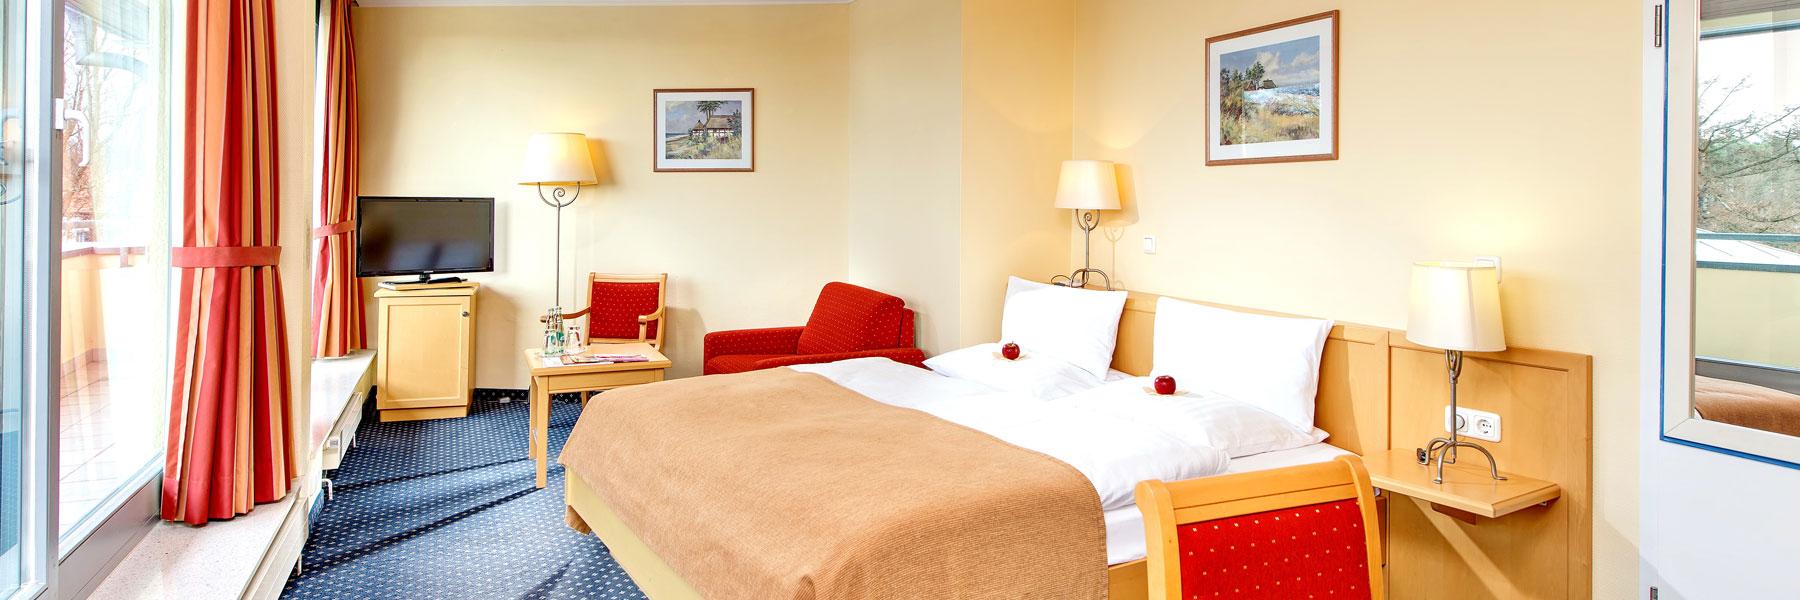 Zimmer - Hotel Godewind